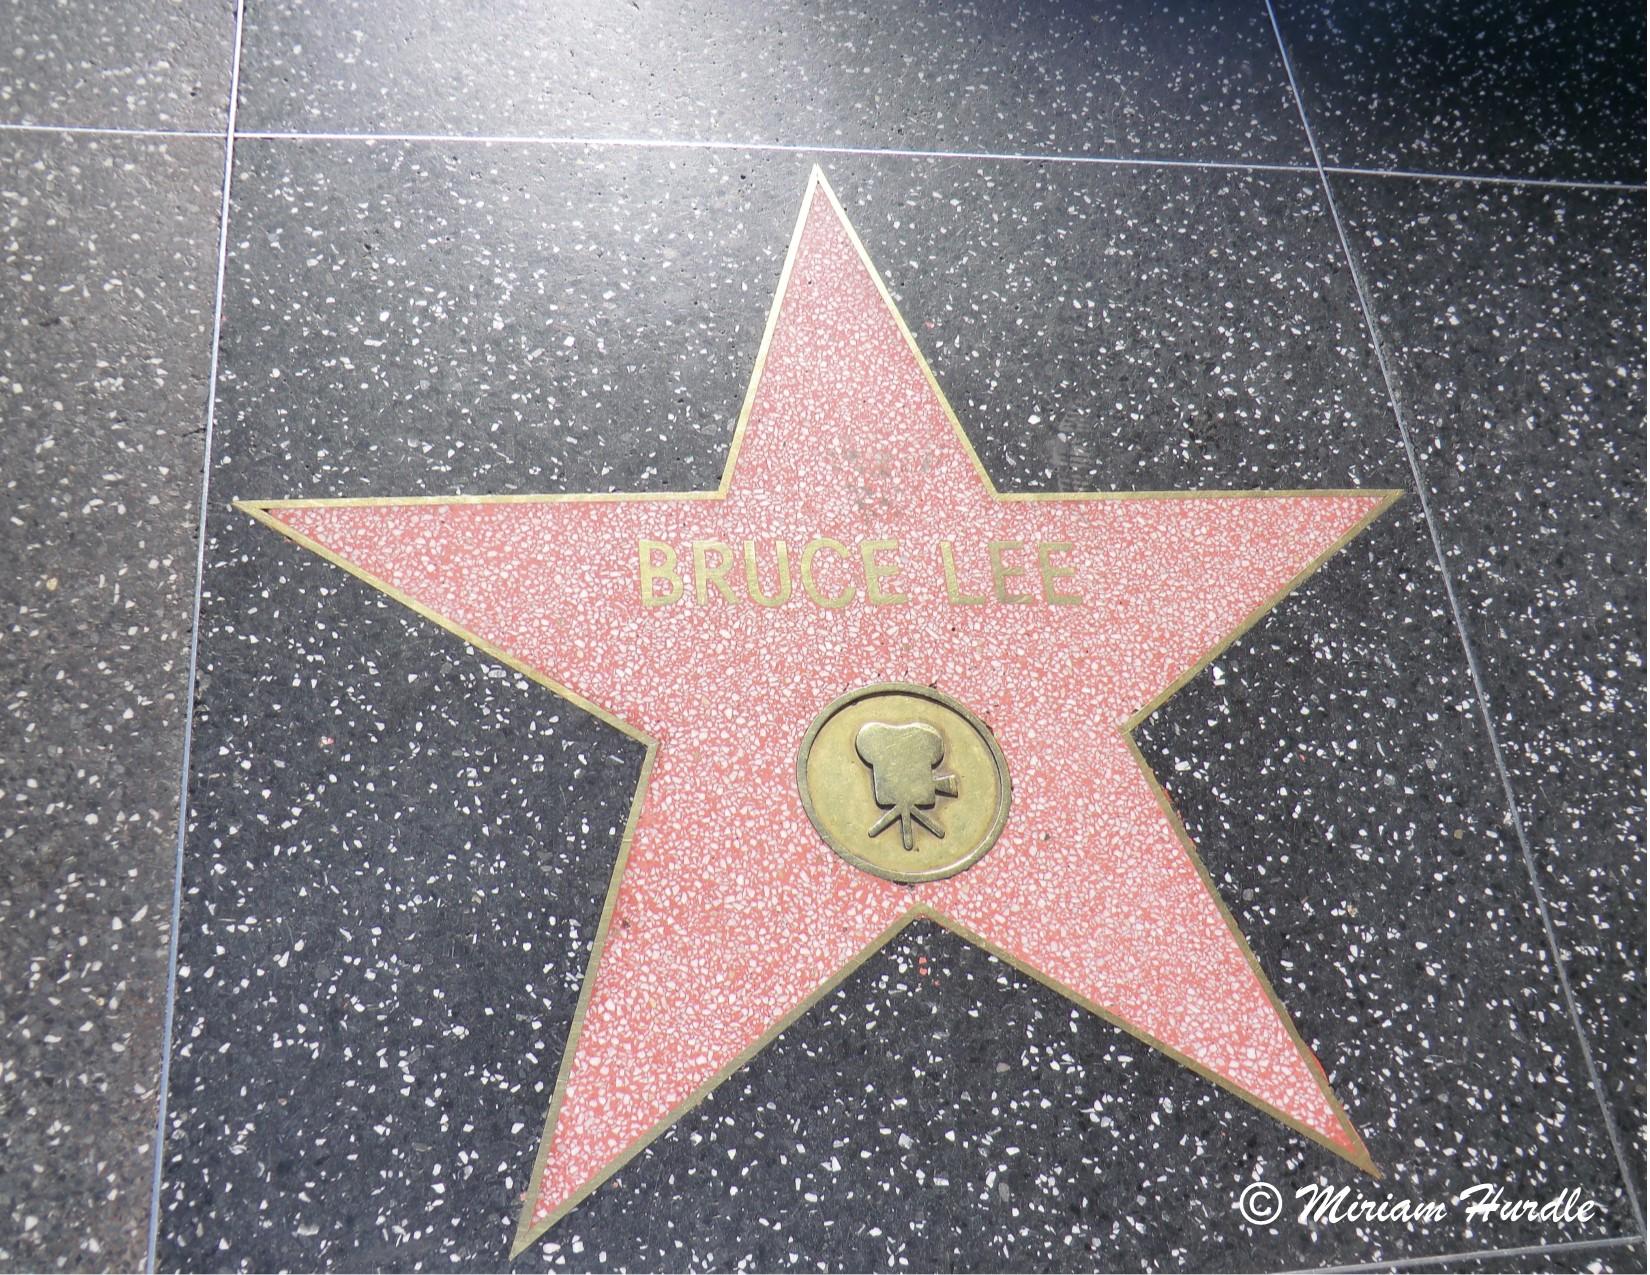 2.Walk of Fame